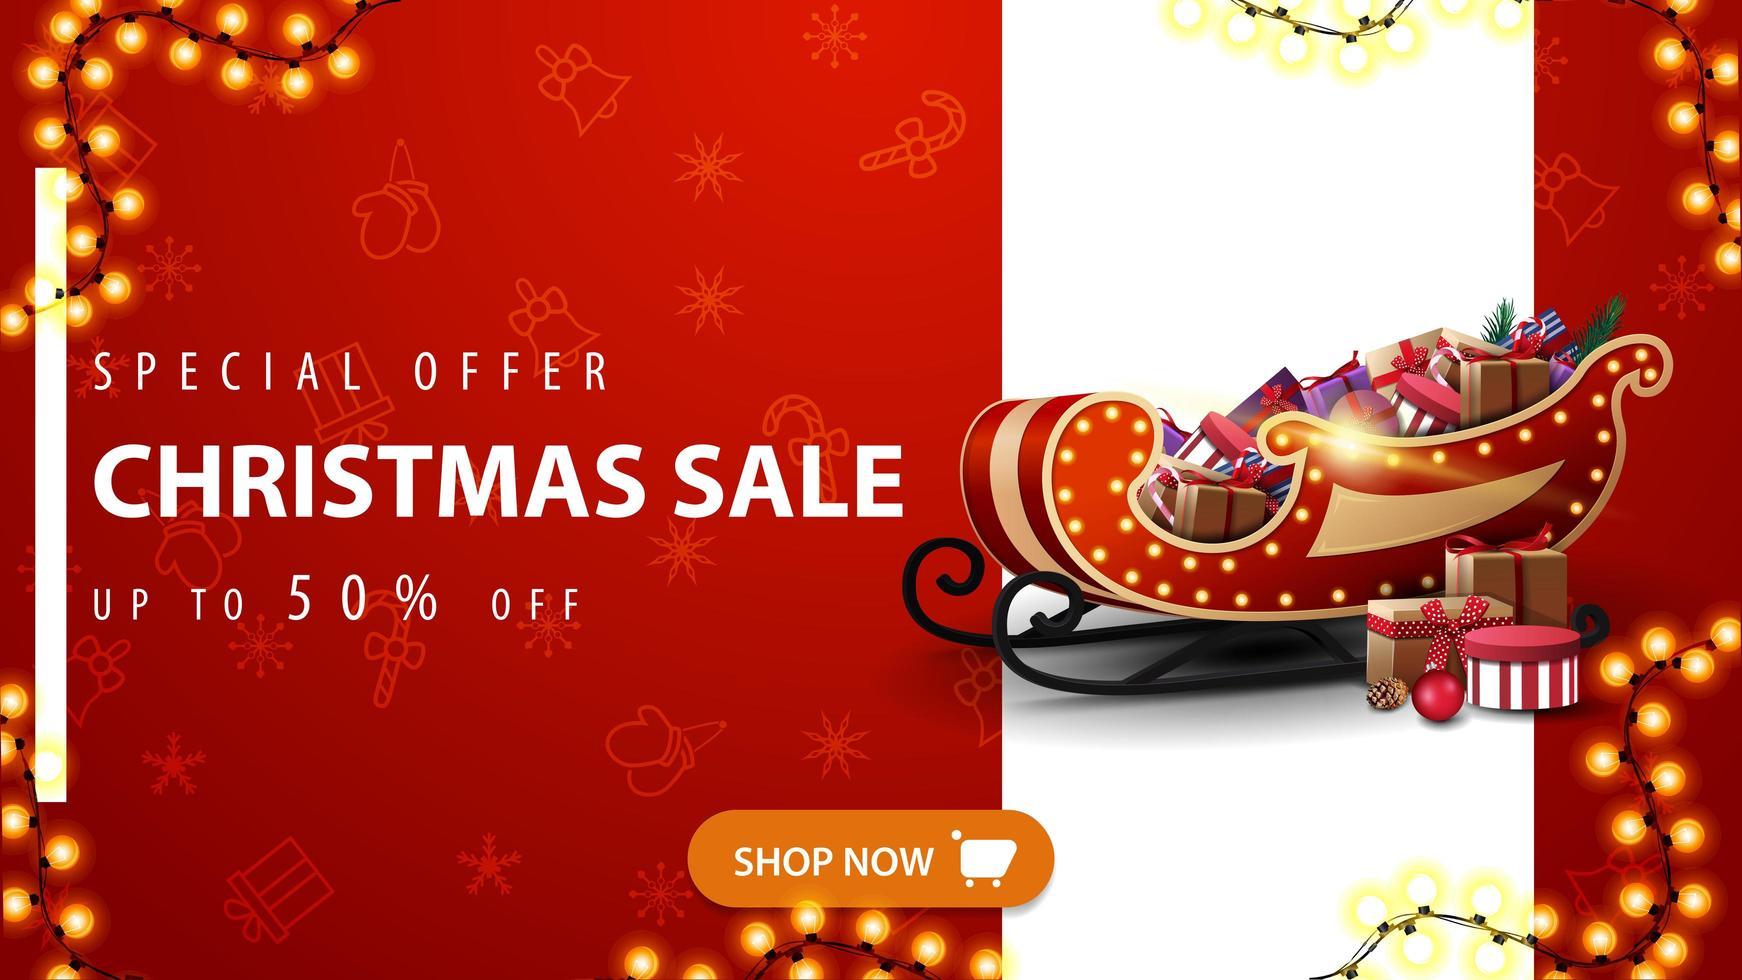 offerta speciale, saldi natalizi, sconti fino a 50, banner sconto rosso con linea bianca verticale, bottone arancione, motivo natalizio e slitta di Babbo Natale con regali vettore